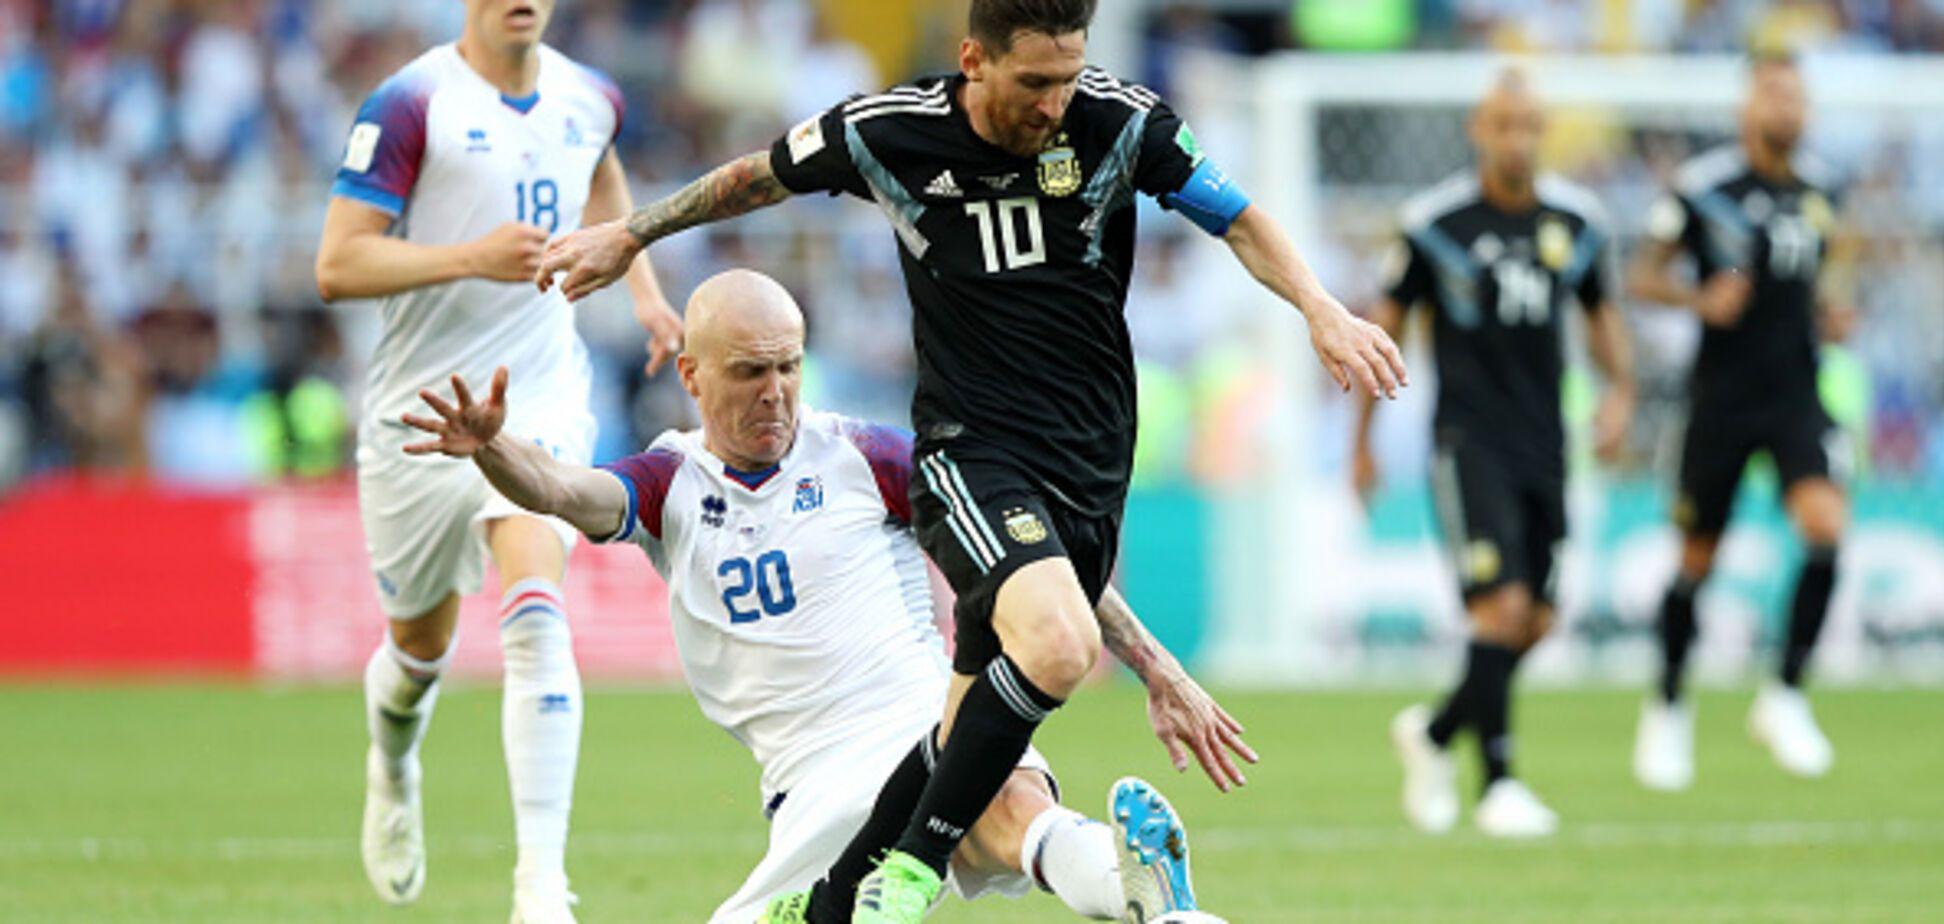 Аргентина - Ісландія: огляд матчу ЧС-2018